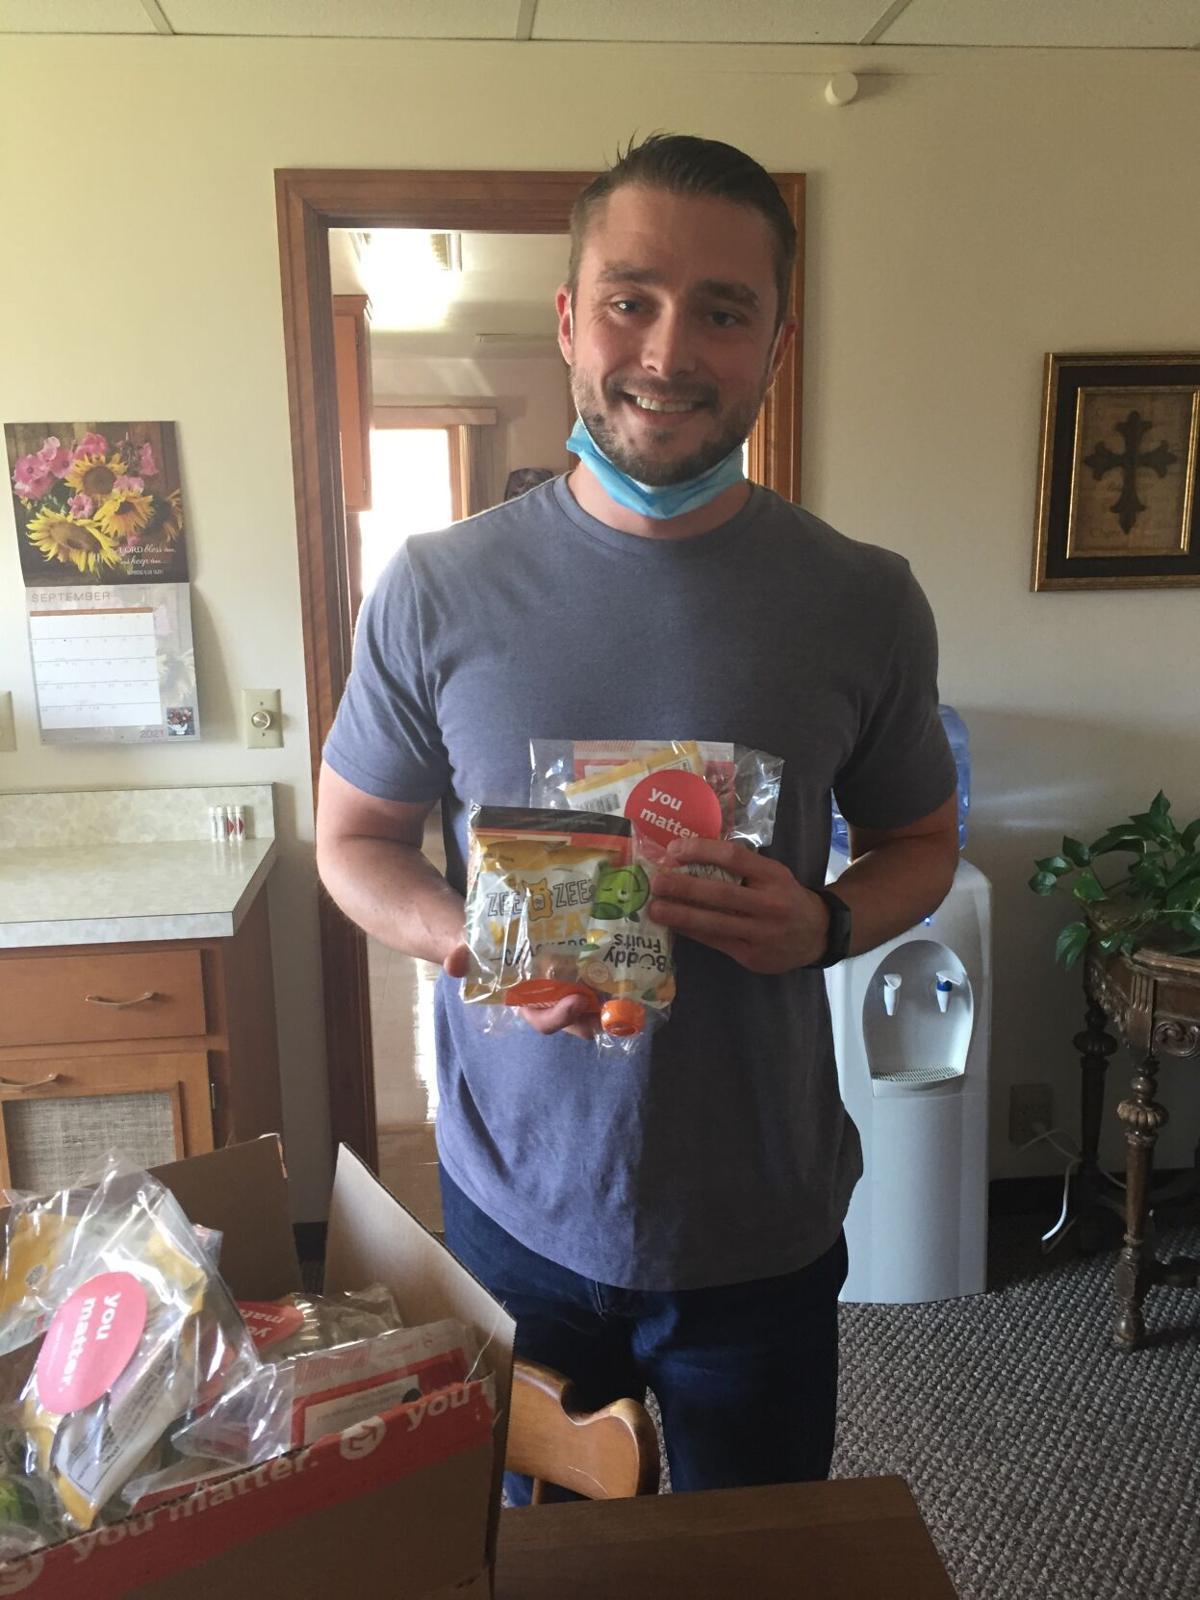 Land O'Lakes donates to community food program